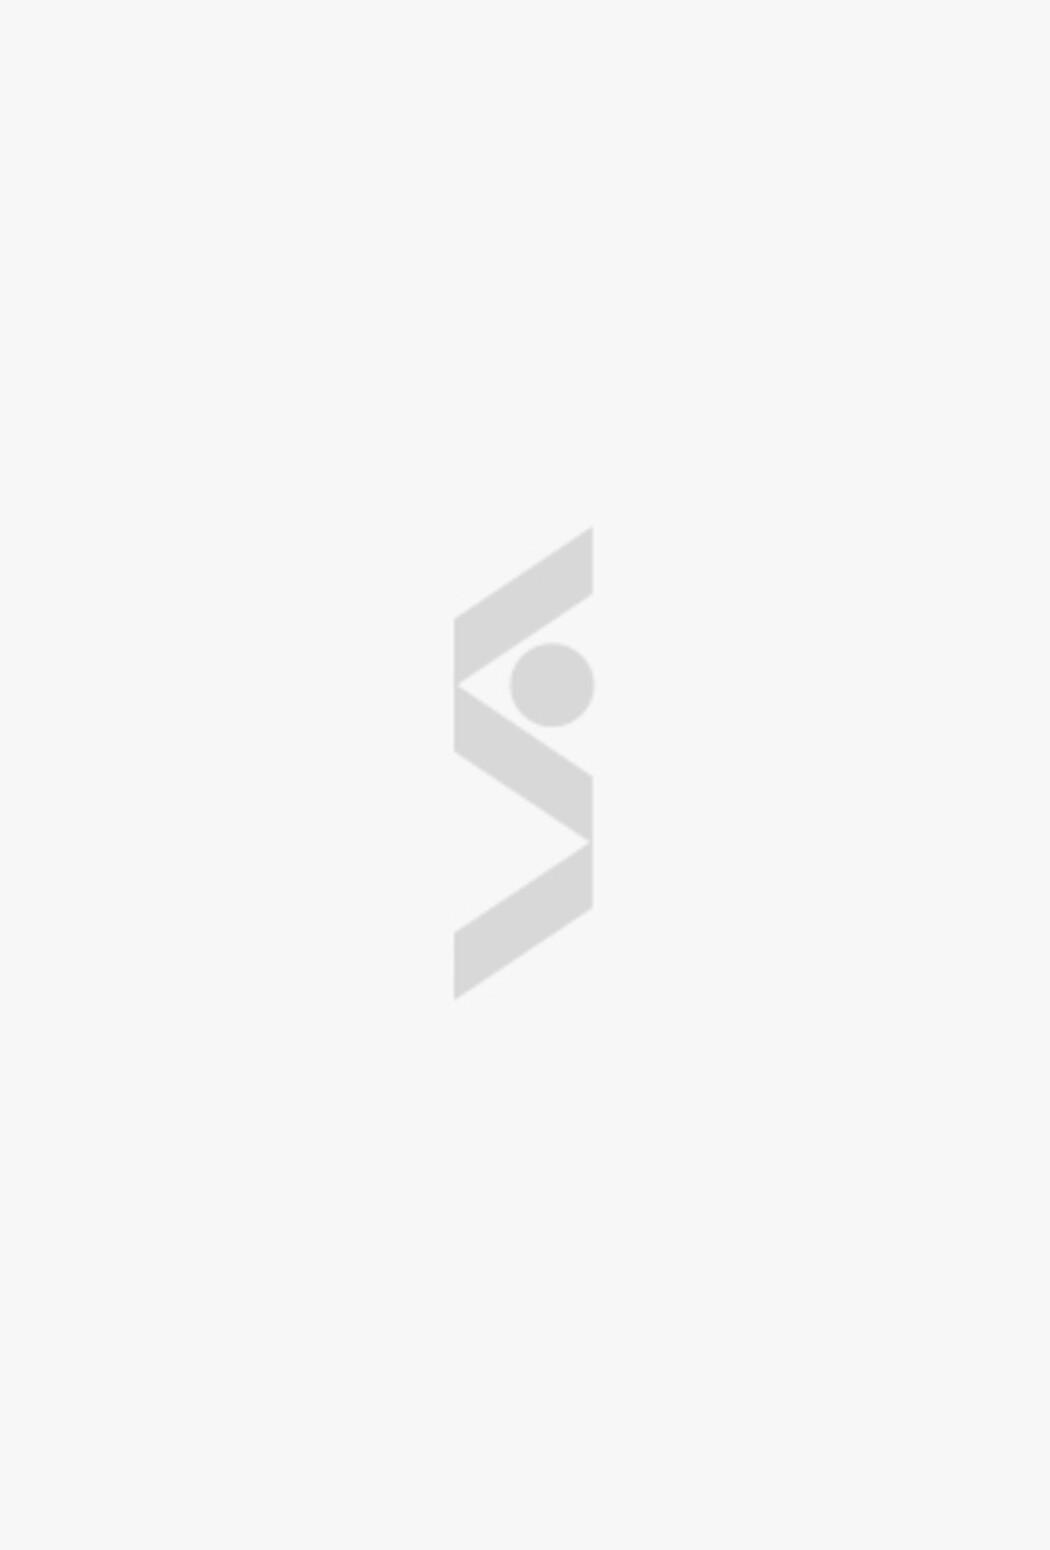 Хлопковое худи Construe - цена 2590 ₽ купить в интернет-магазине СТОКМАНН в Москве